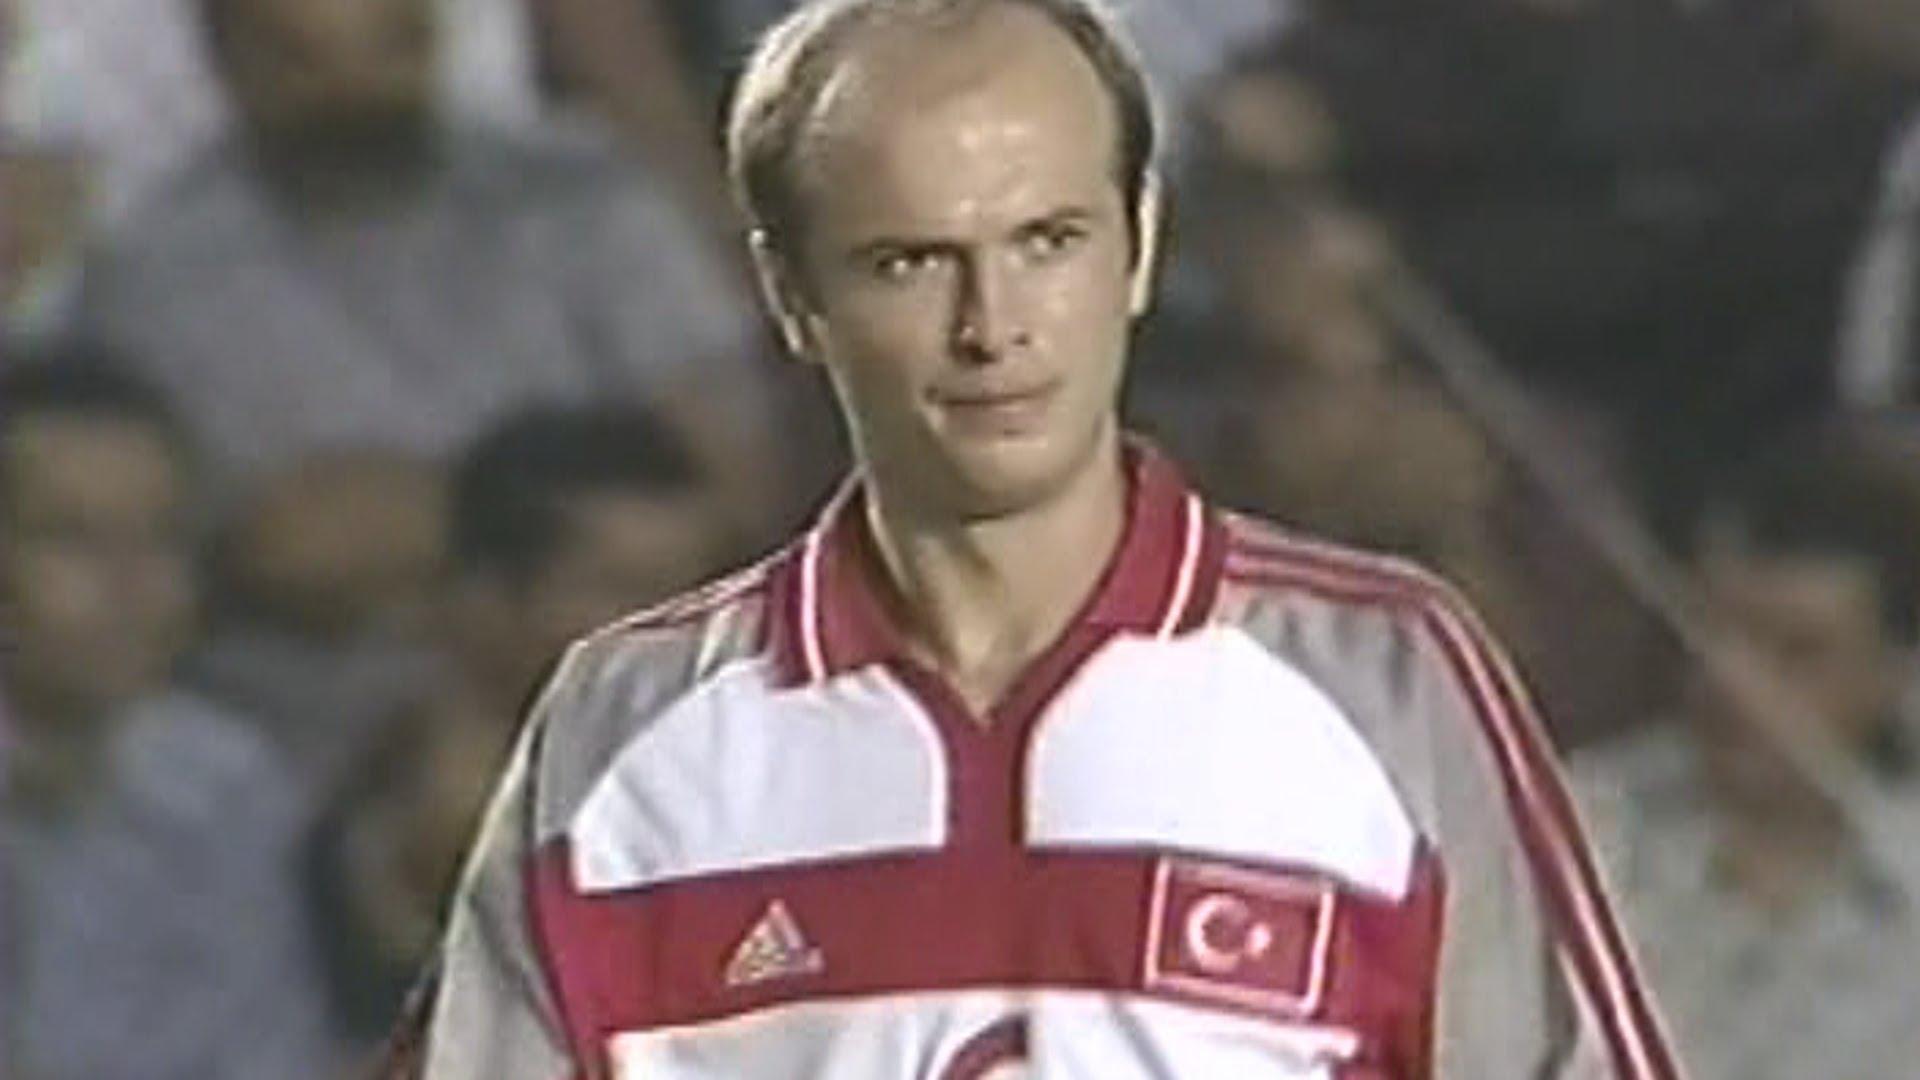 Abdullah Ercan, Türk futbolcu tarihte bugün